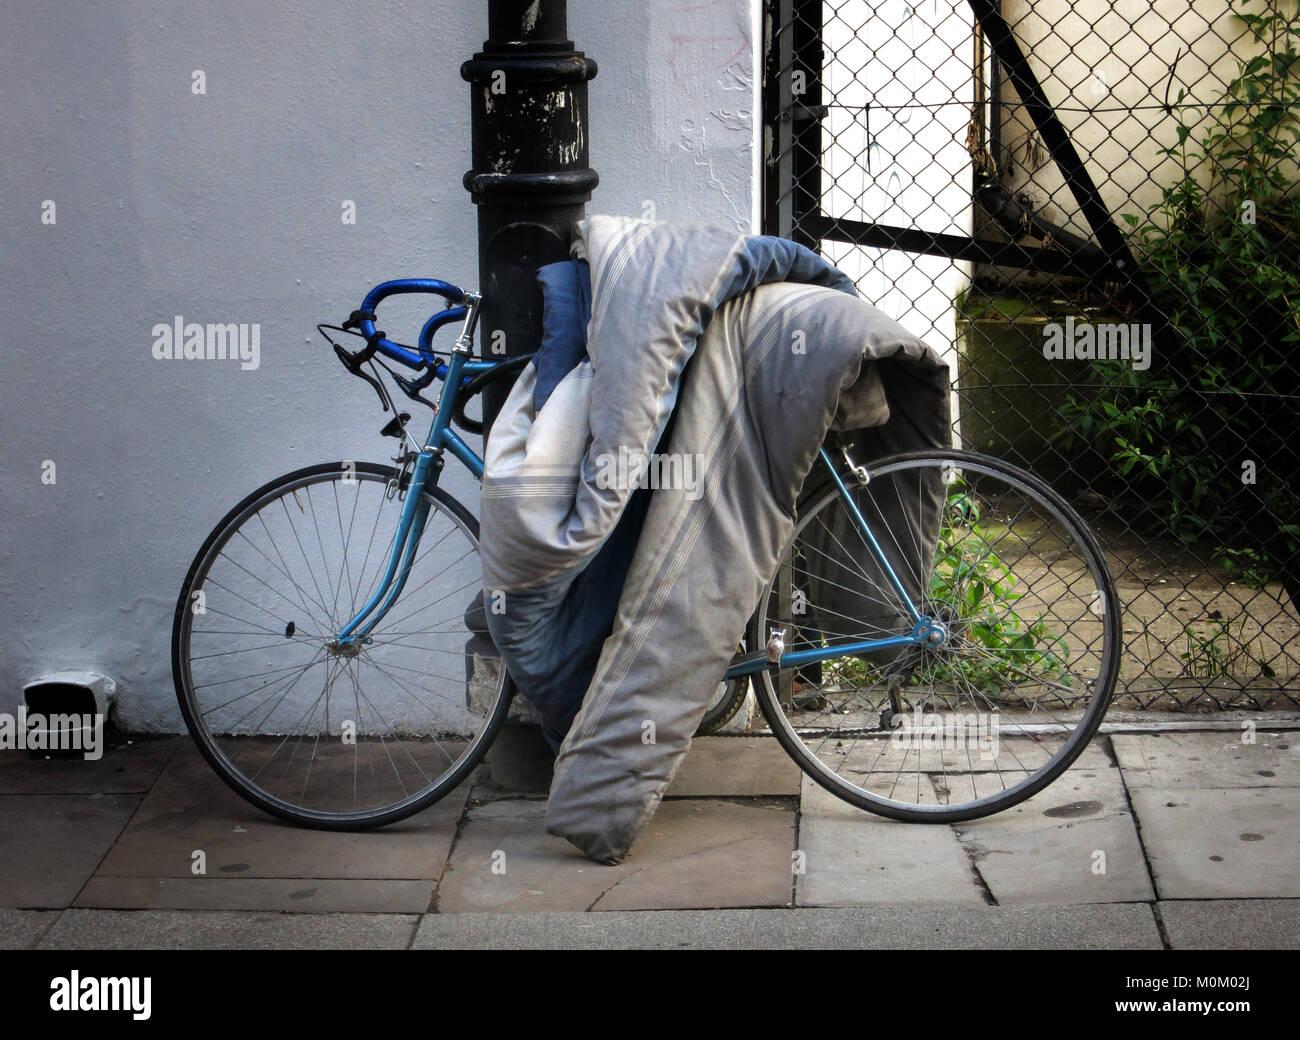 Edredon Bicicleta.Bicicleta Con El Descarte De Edredon En Londres Inglaterra